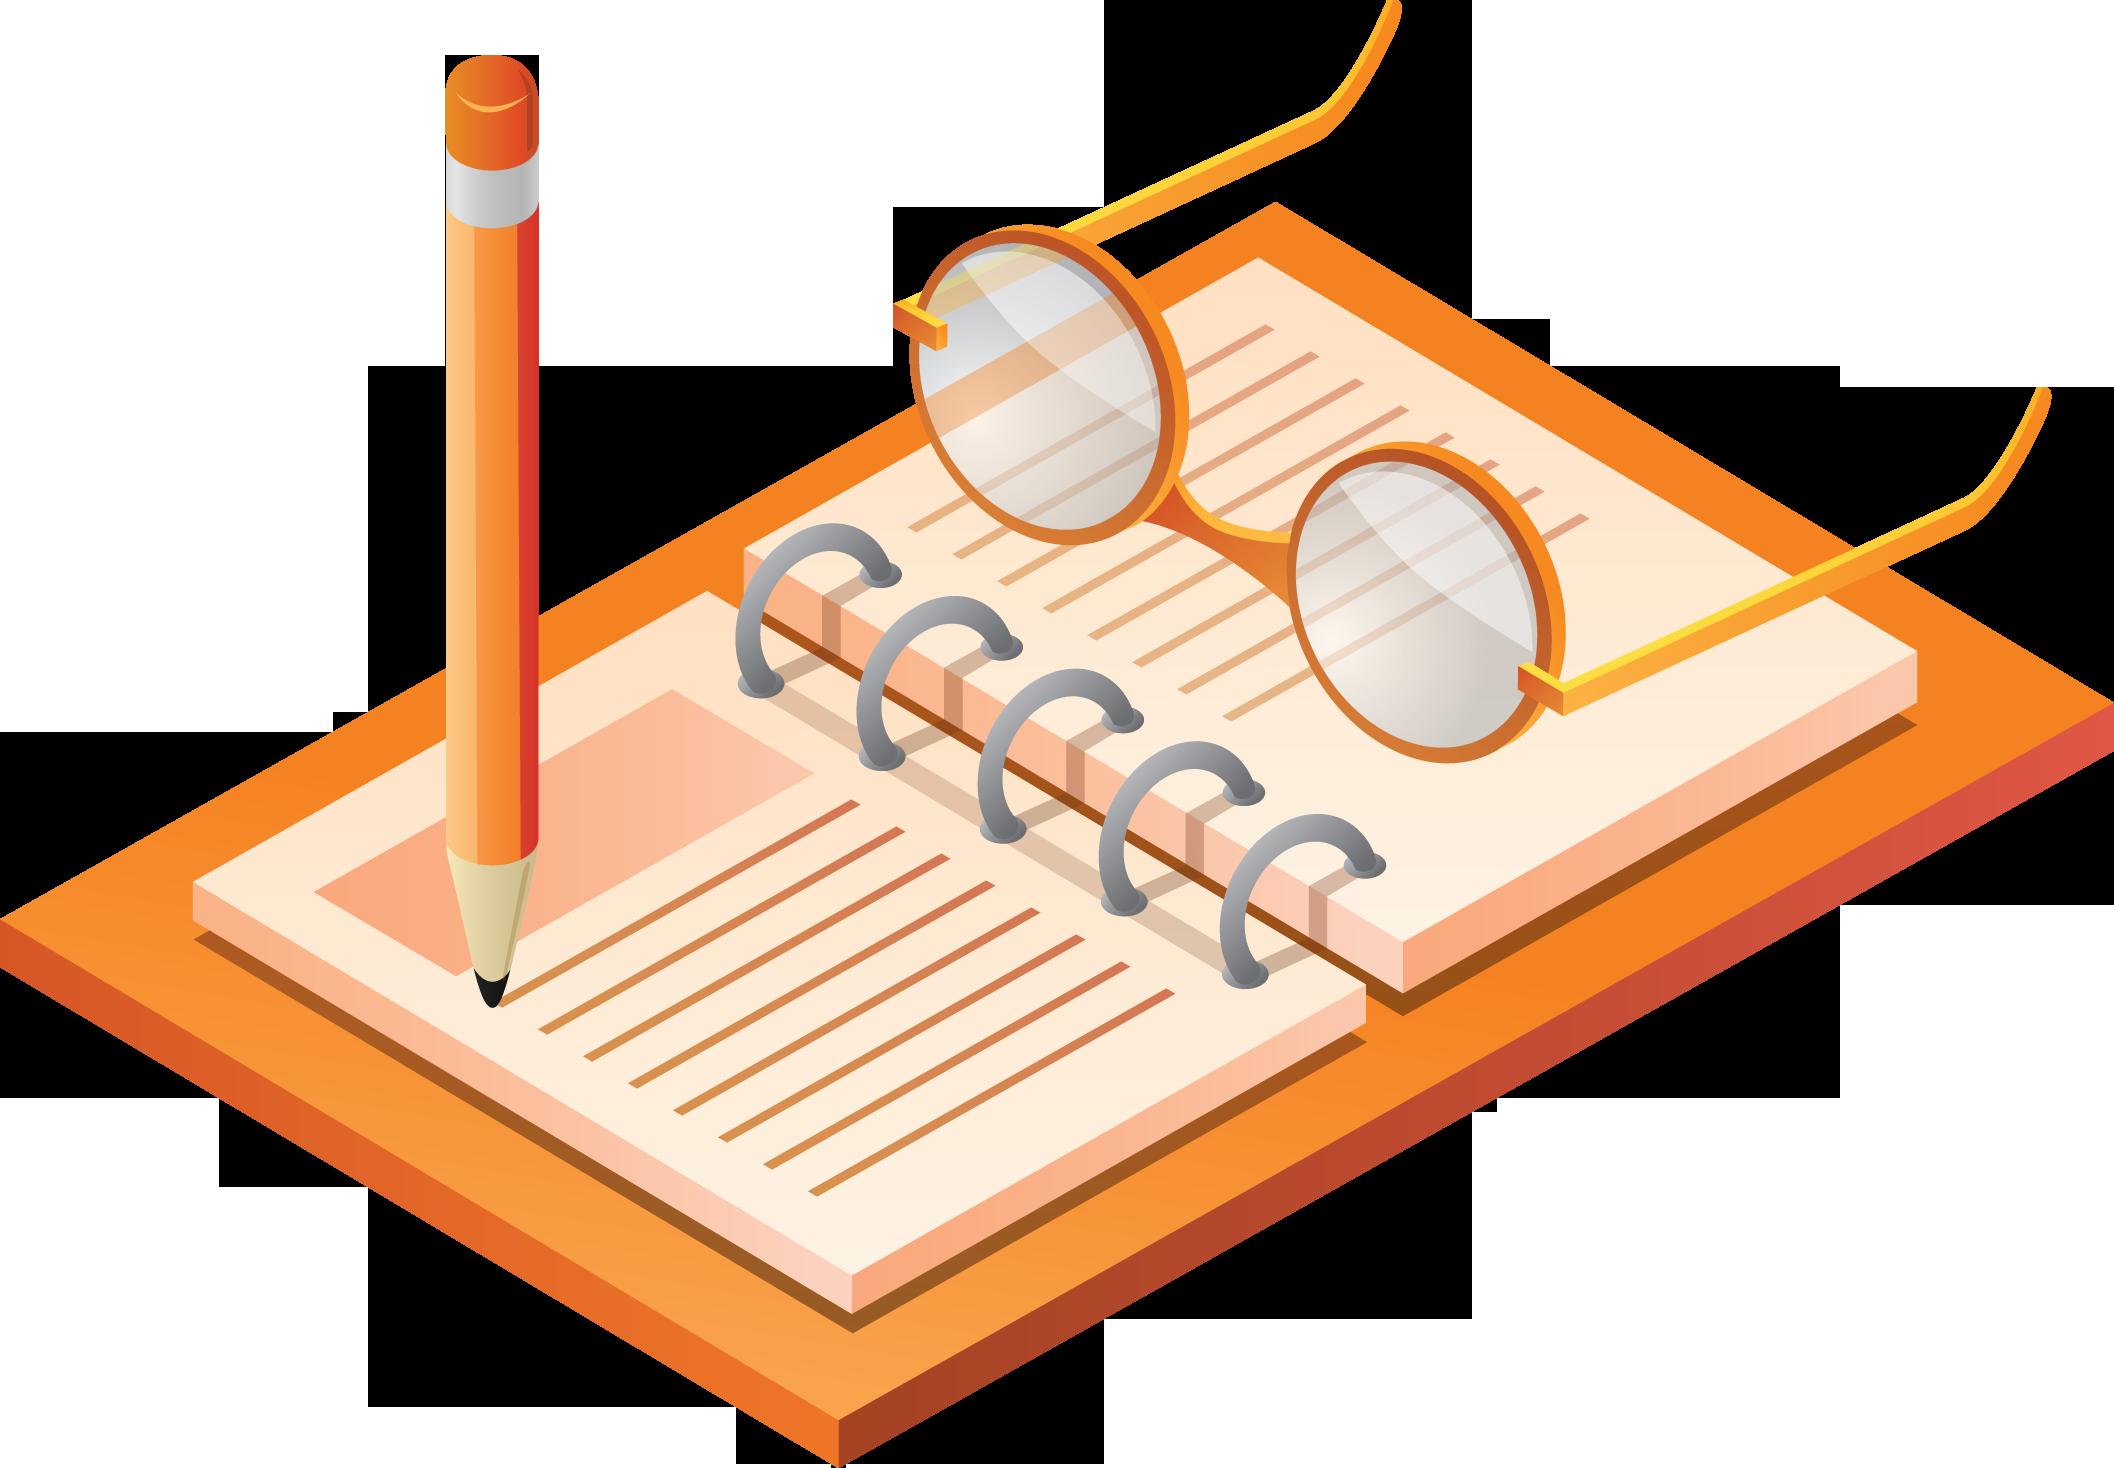 С чего начать изучение английской грамматики? Советы, материалы, книги и видео